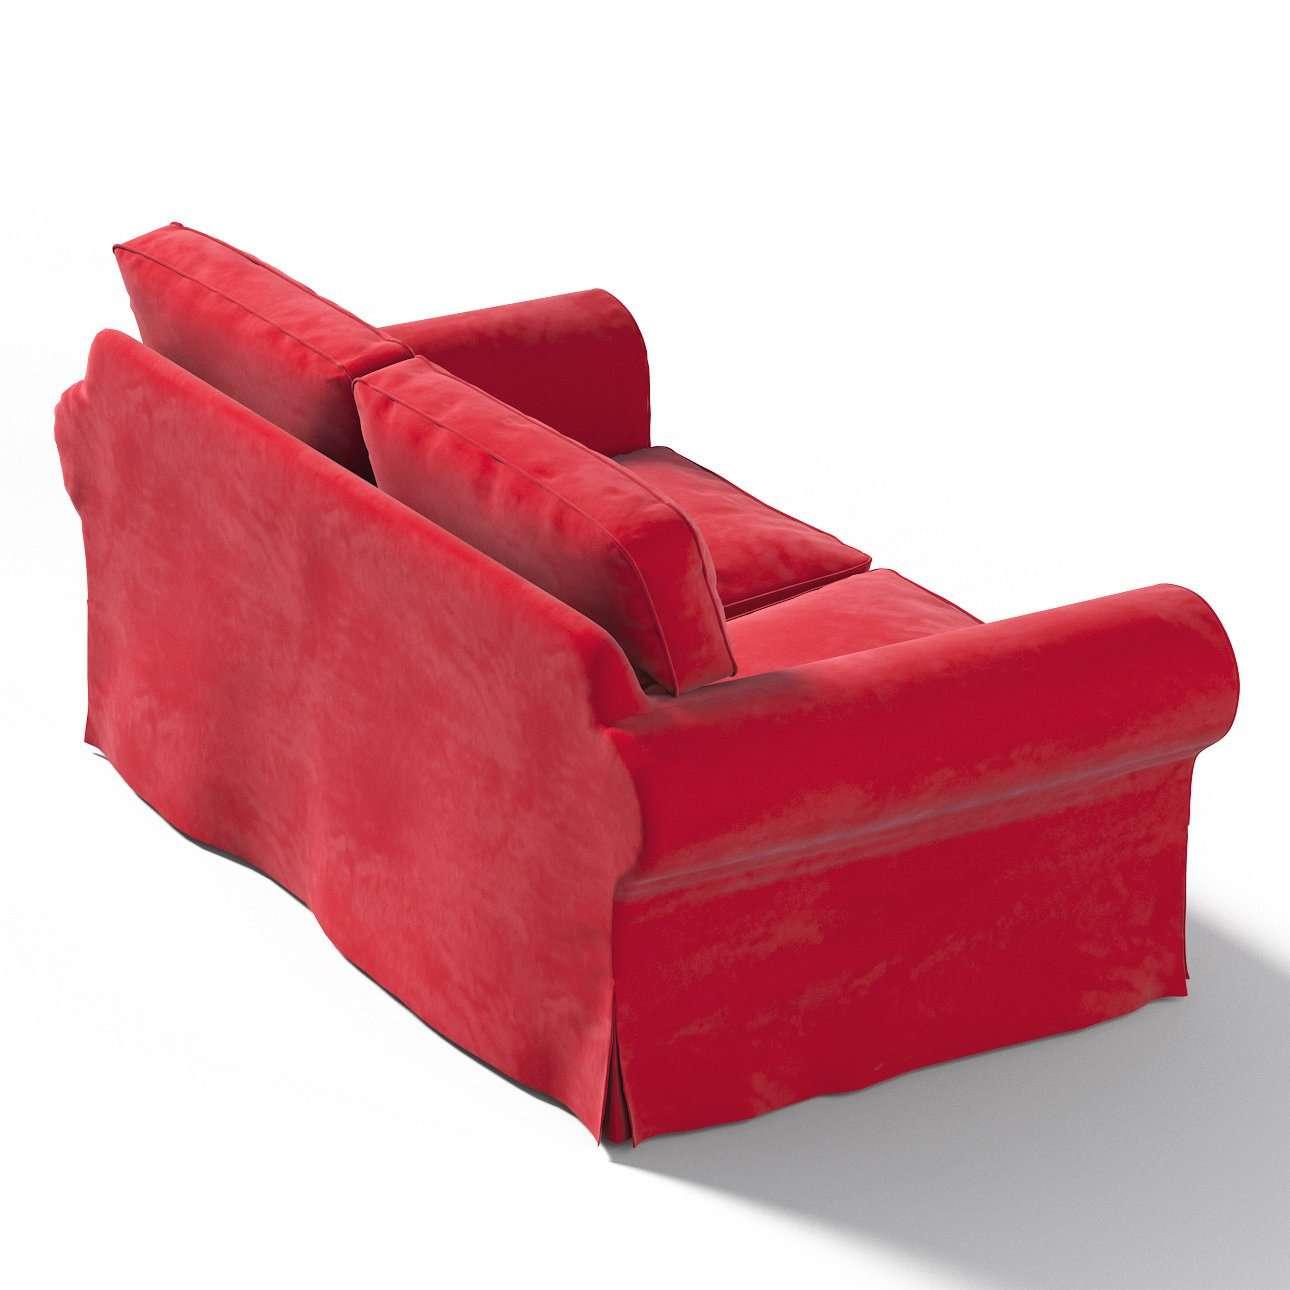 Pokrowiec na sofę Ektorp 2-osobową, nierozkładaną w kolekcji Velvet, tkanina: 704-15